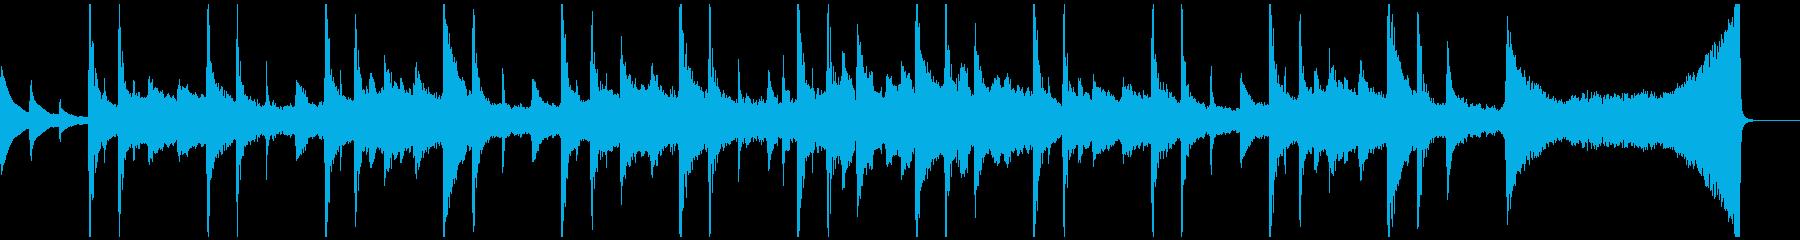 ピアノ・幻想的・風・ノスタルジック Bの再生済みの波形